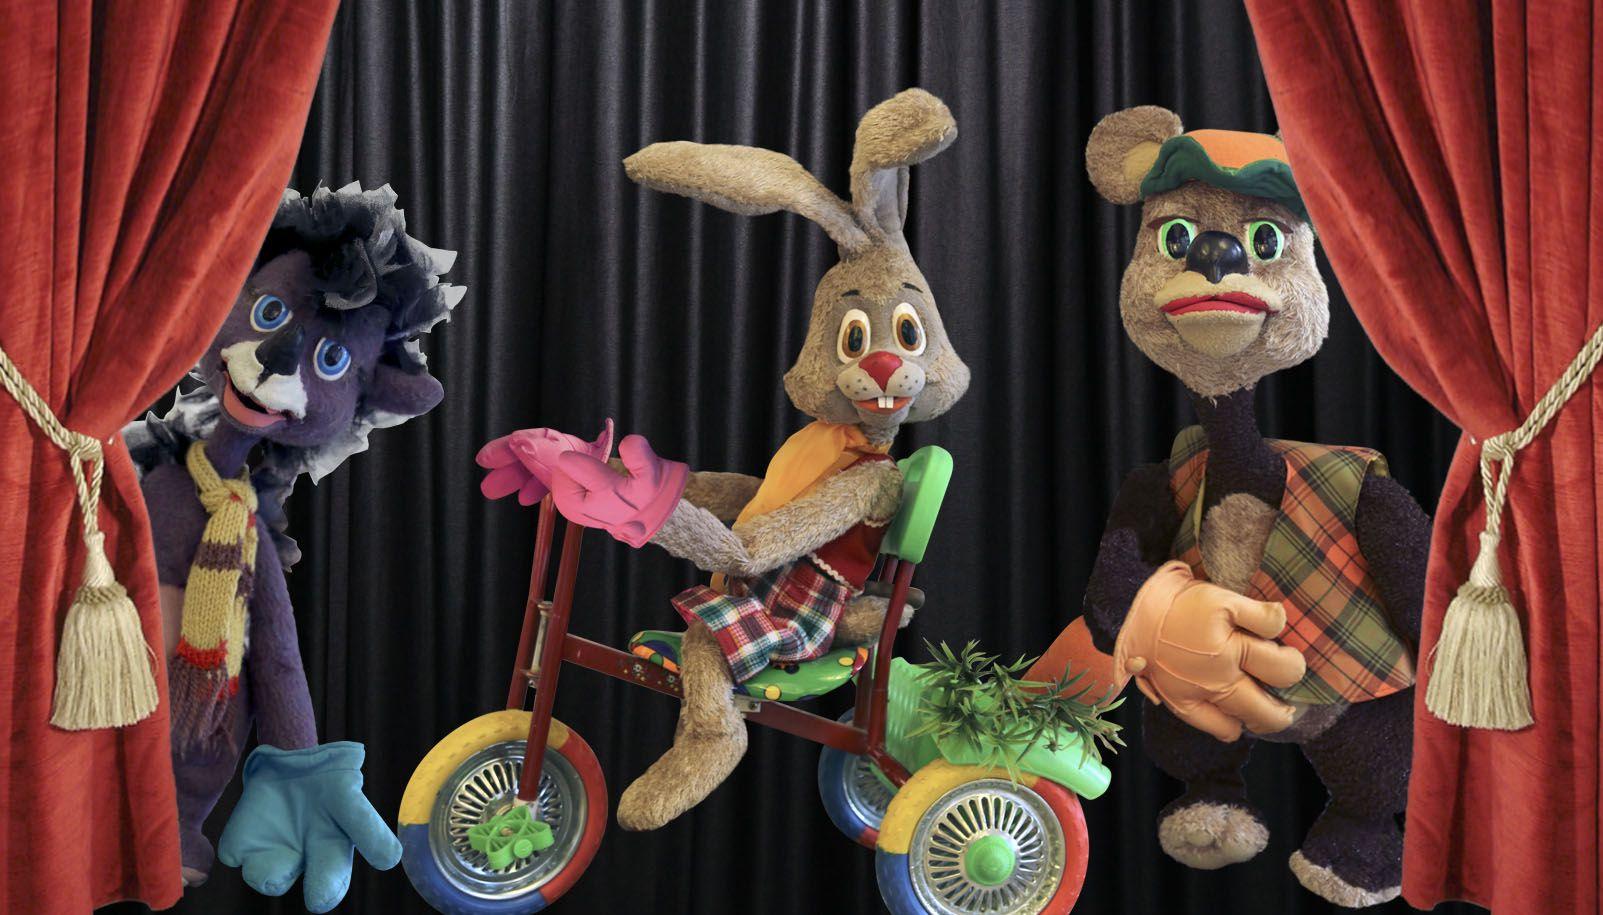 Спектакль «Зайка и его друзья» в Московском театре кукол на Спартаковской фото 1